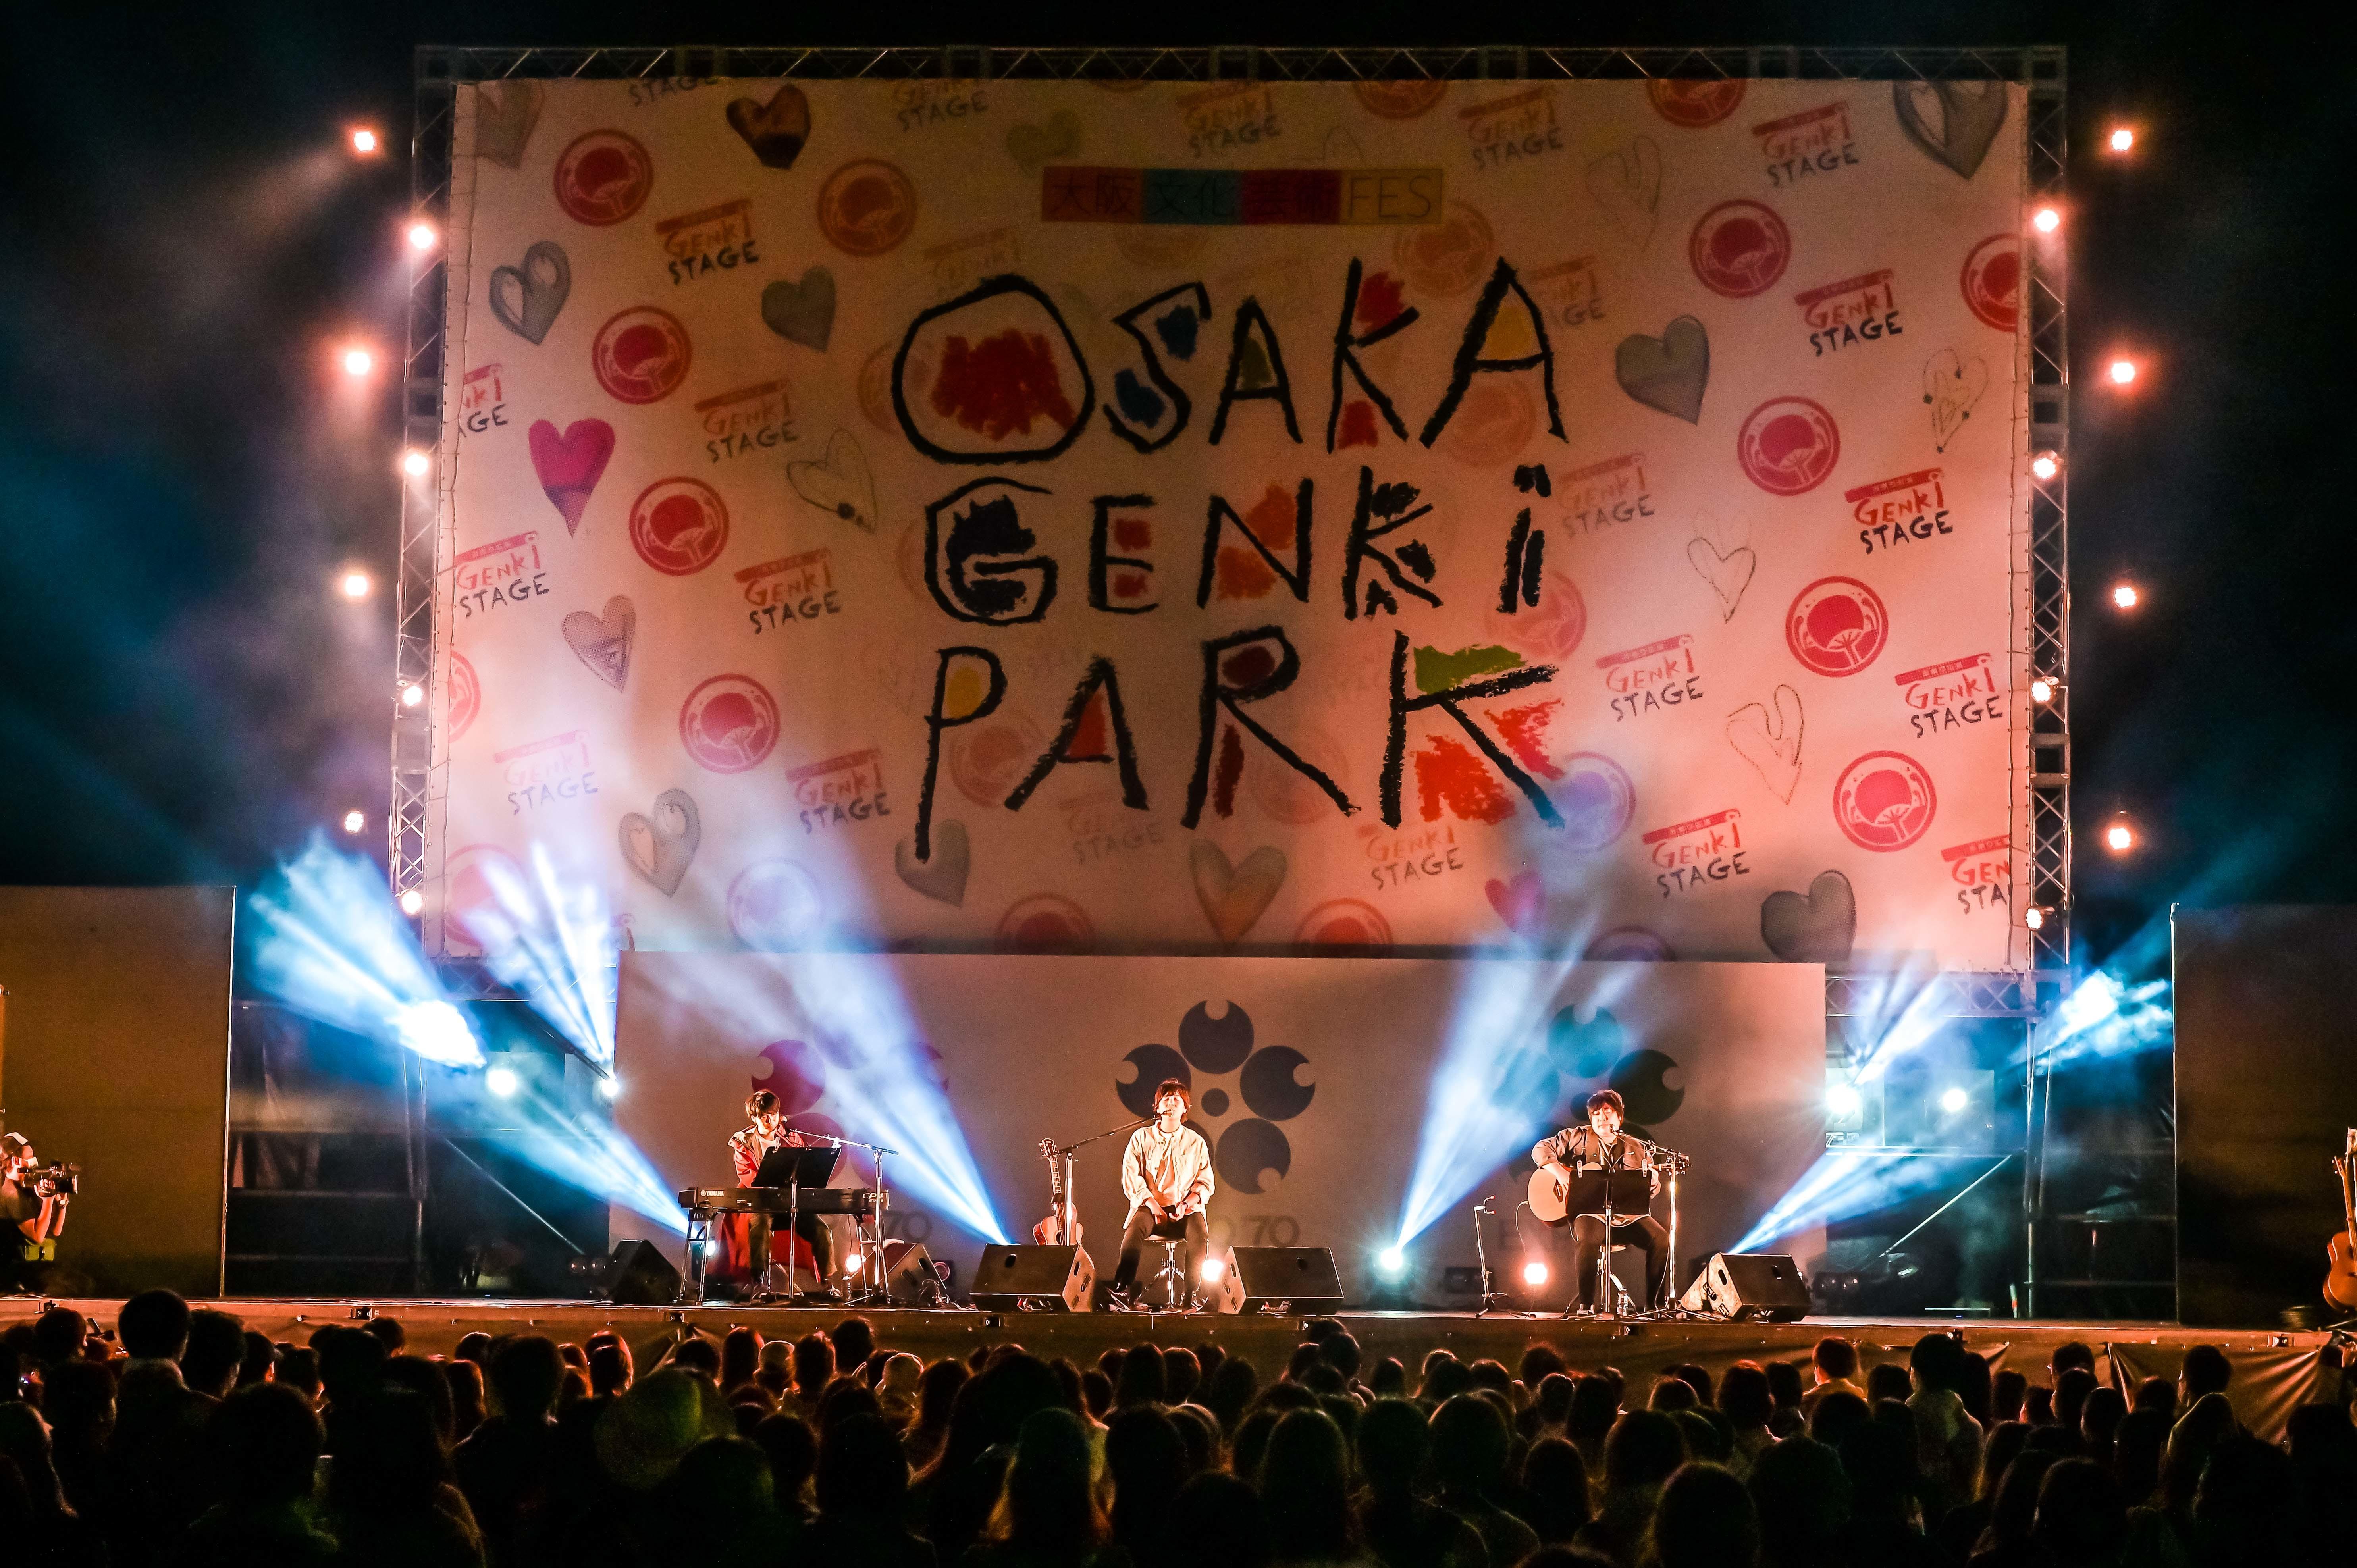 『大阪文化芸術フェス presents OSAKA GENKi PARK』【お祭り広場 GENKi STAGE】初日